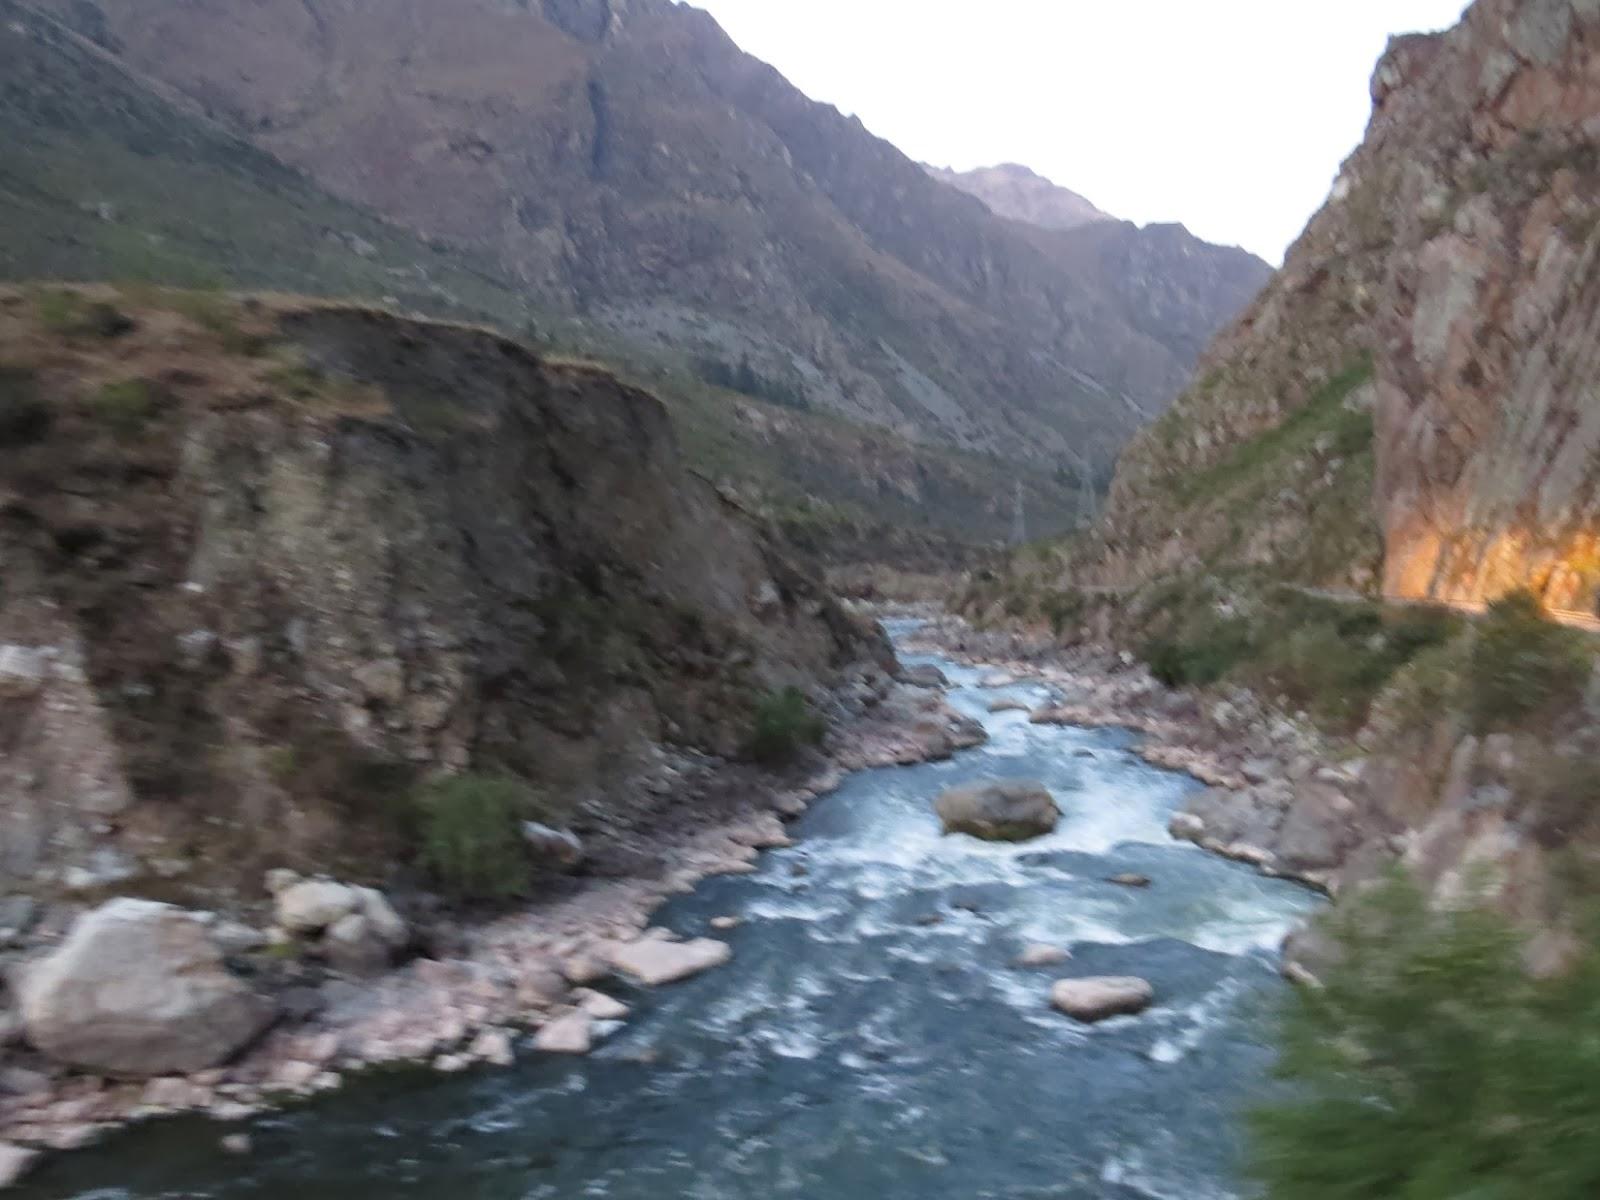 Vista para o rio no caminho para Águas Calientes / Peru.